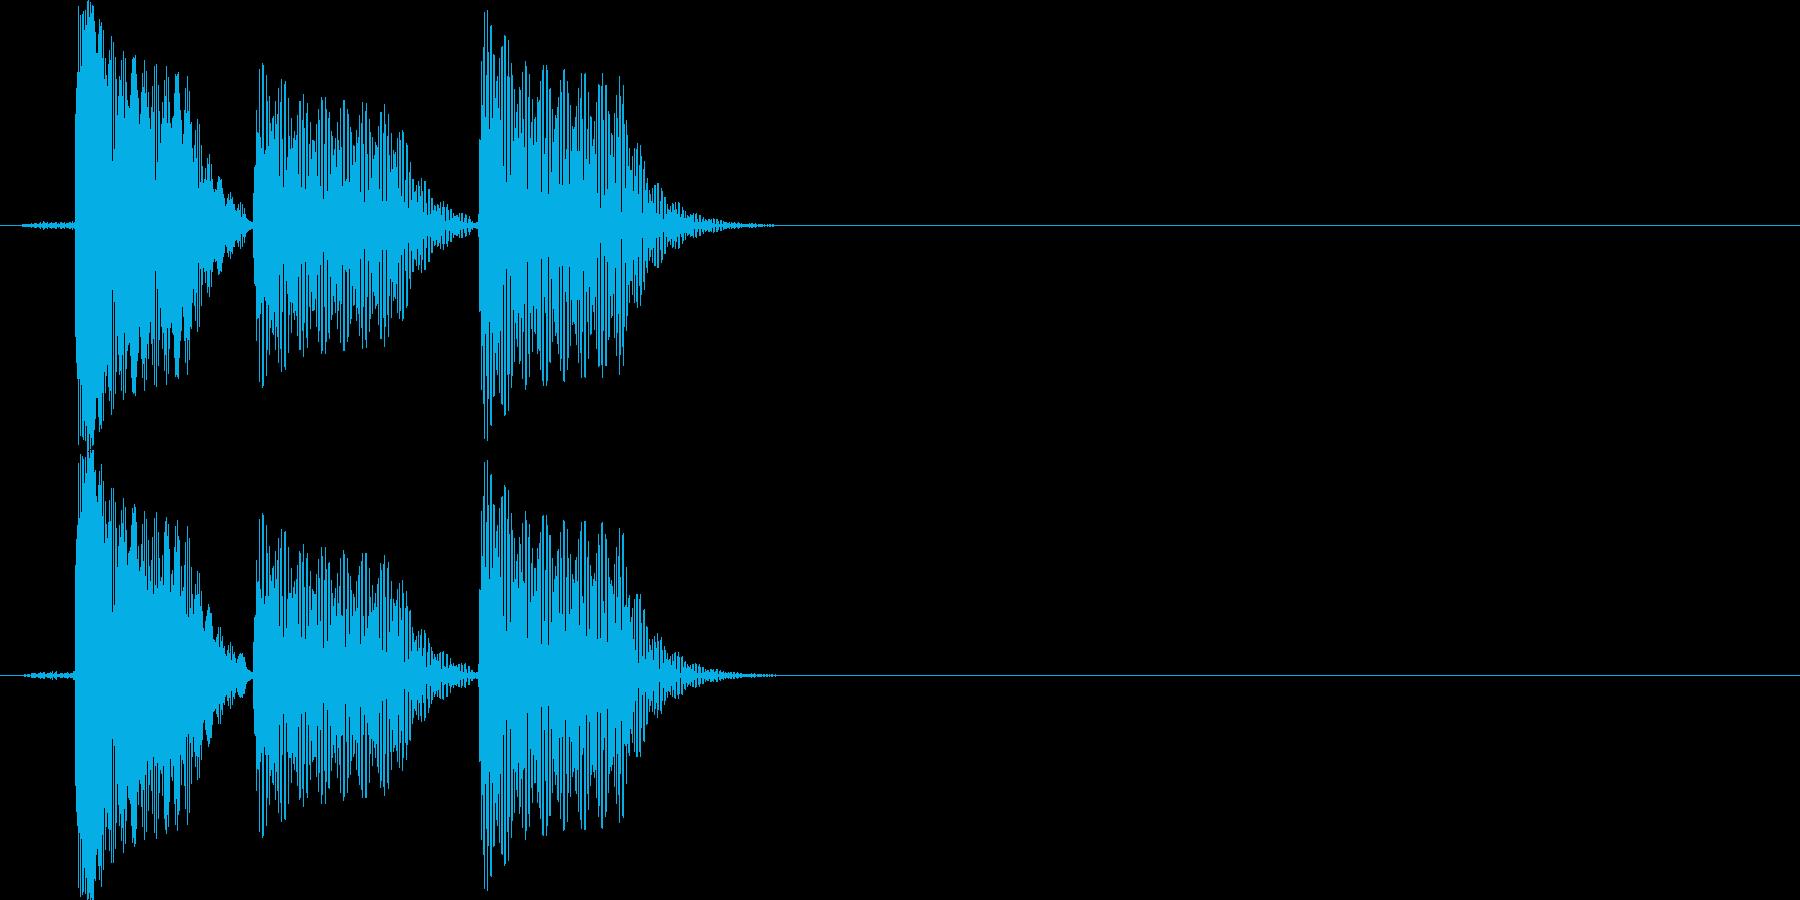 スマホアプリなどに使えるSE イメージ…の再生済みの波形